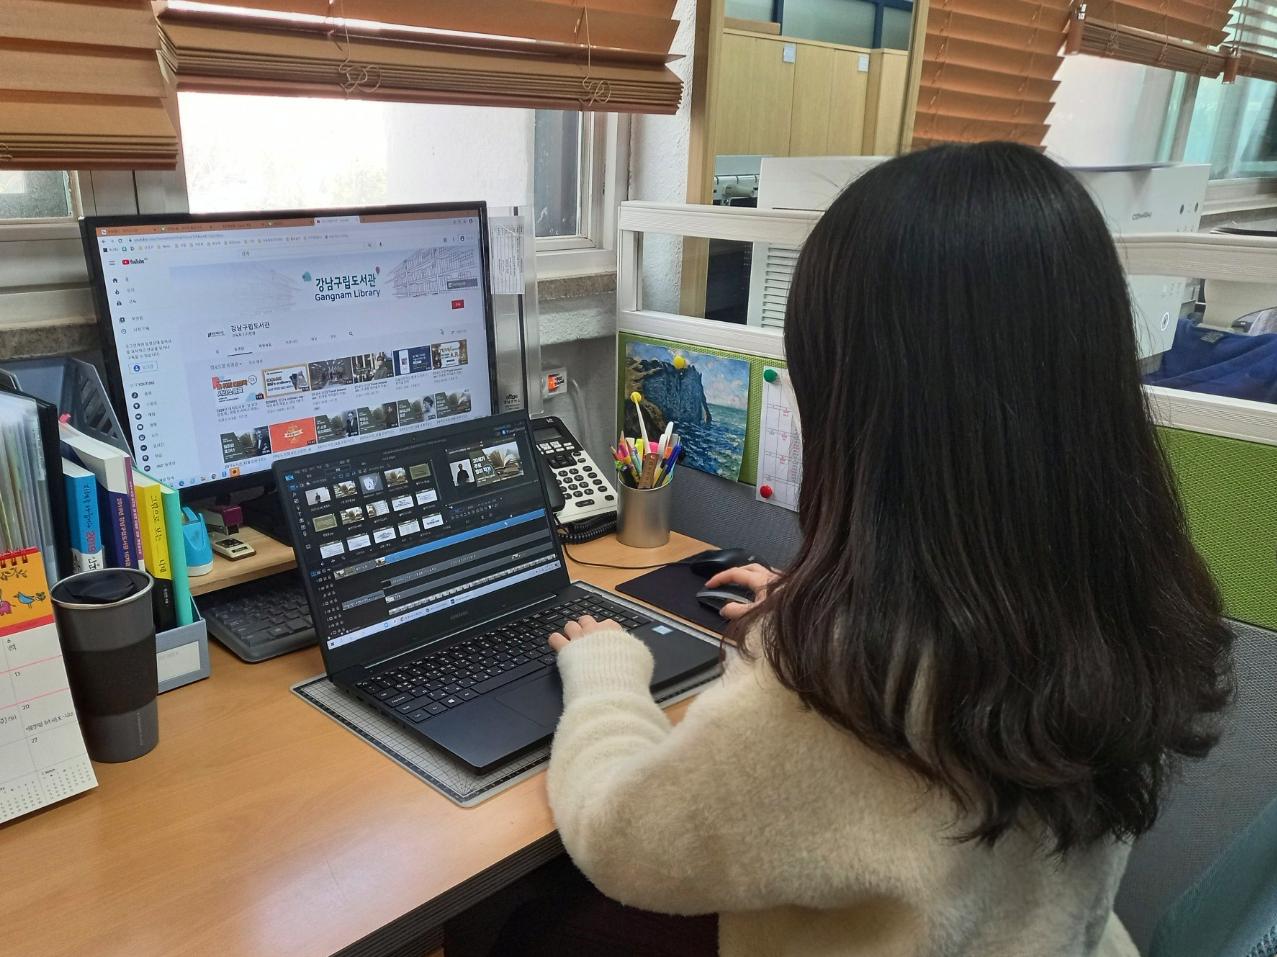 [강남의 사서이야기⑬] 언택트 시대, 영상 편집 사서로 살아남기